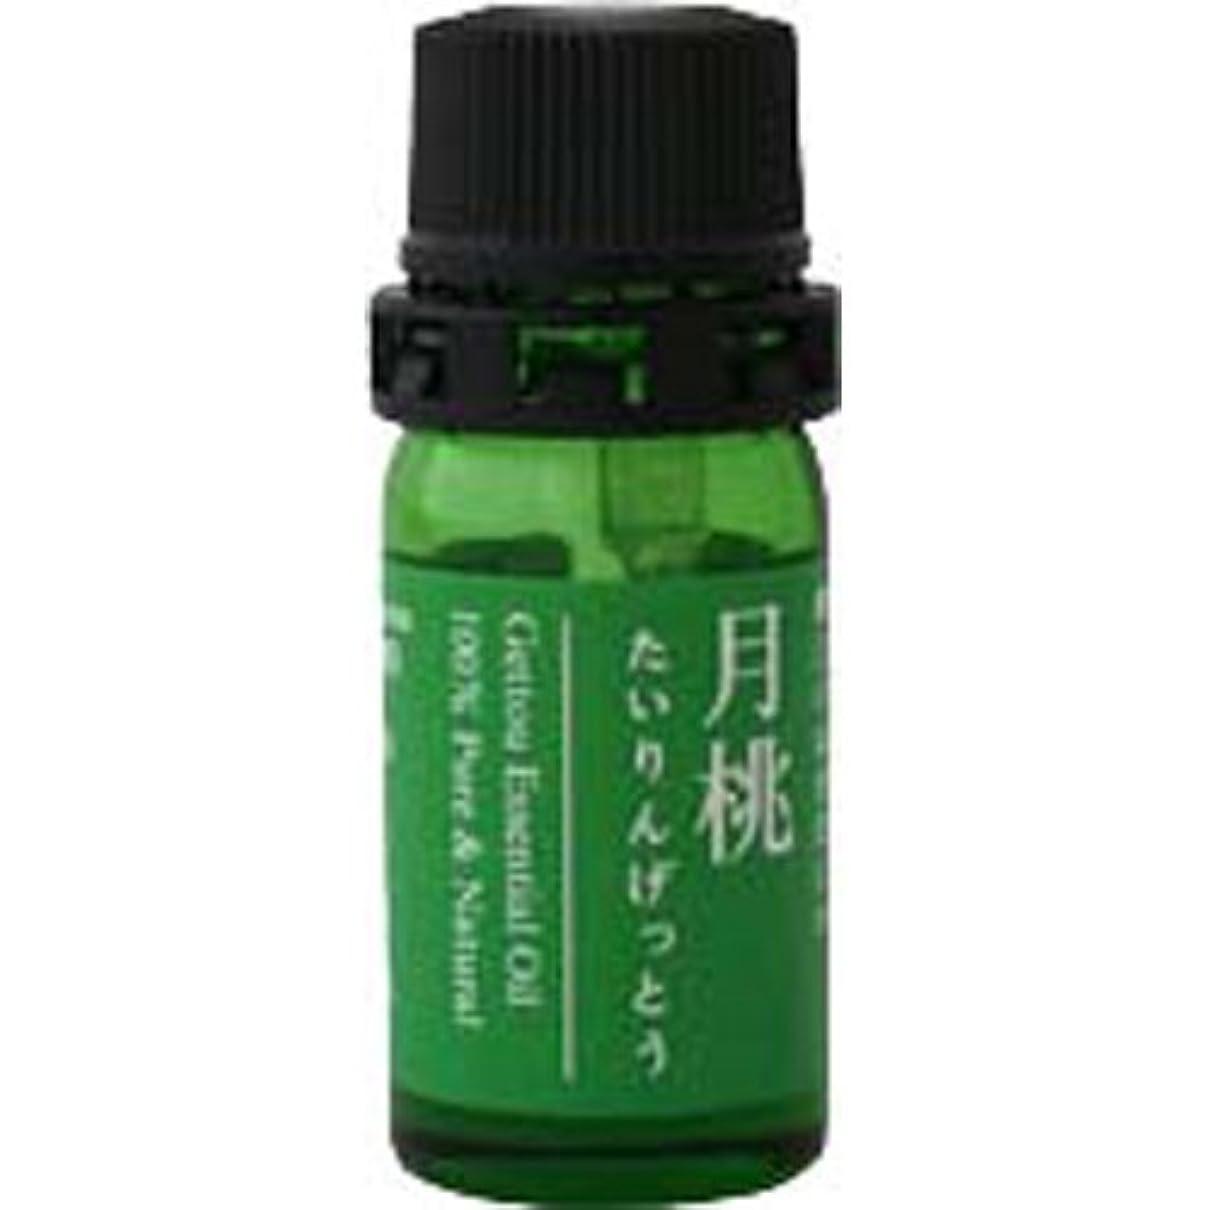 満たすスパイラルクラフト月桃 エッセンシャルオイル (タイリン) 2.5ml